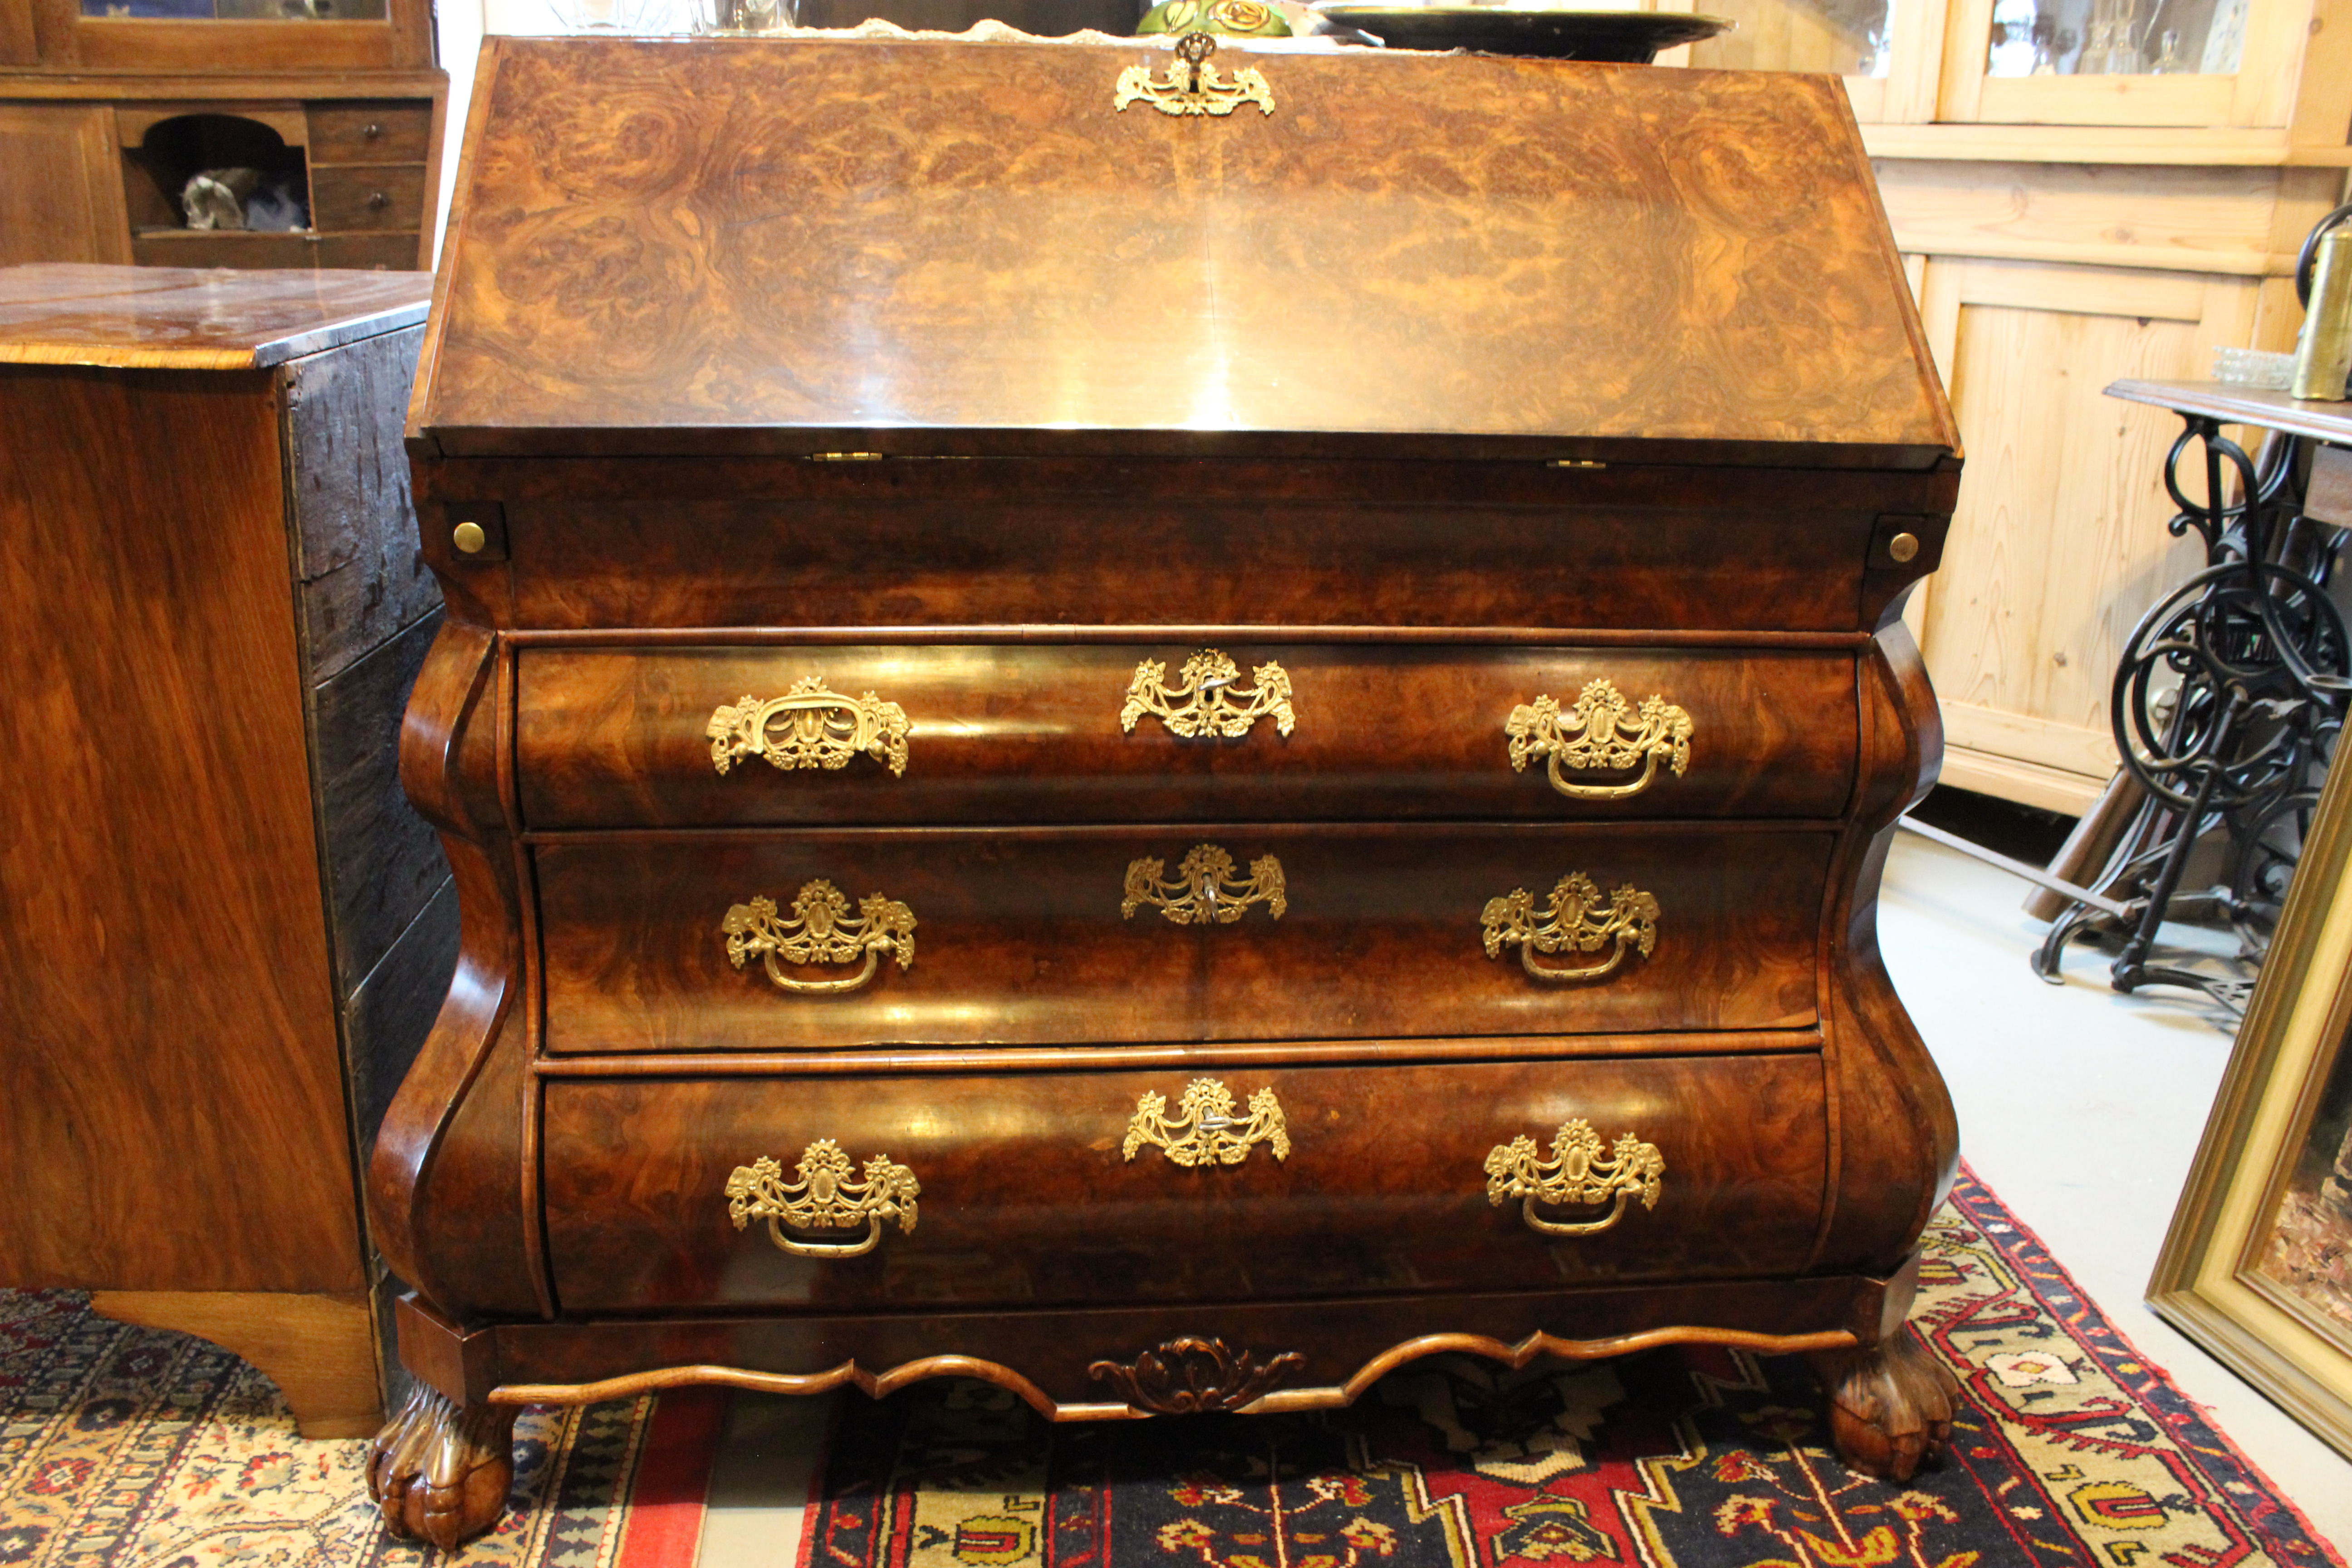 Antik Ostfriesland Verkauf Von Hochwertigen Antiken Möbeln